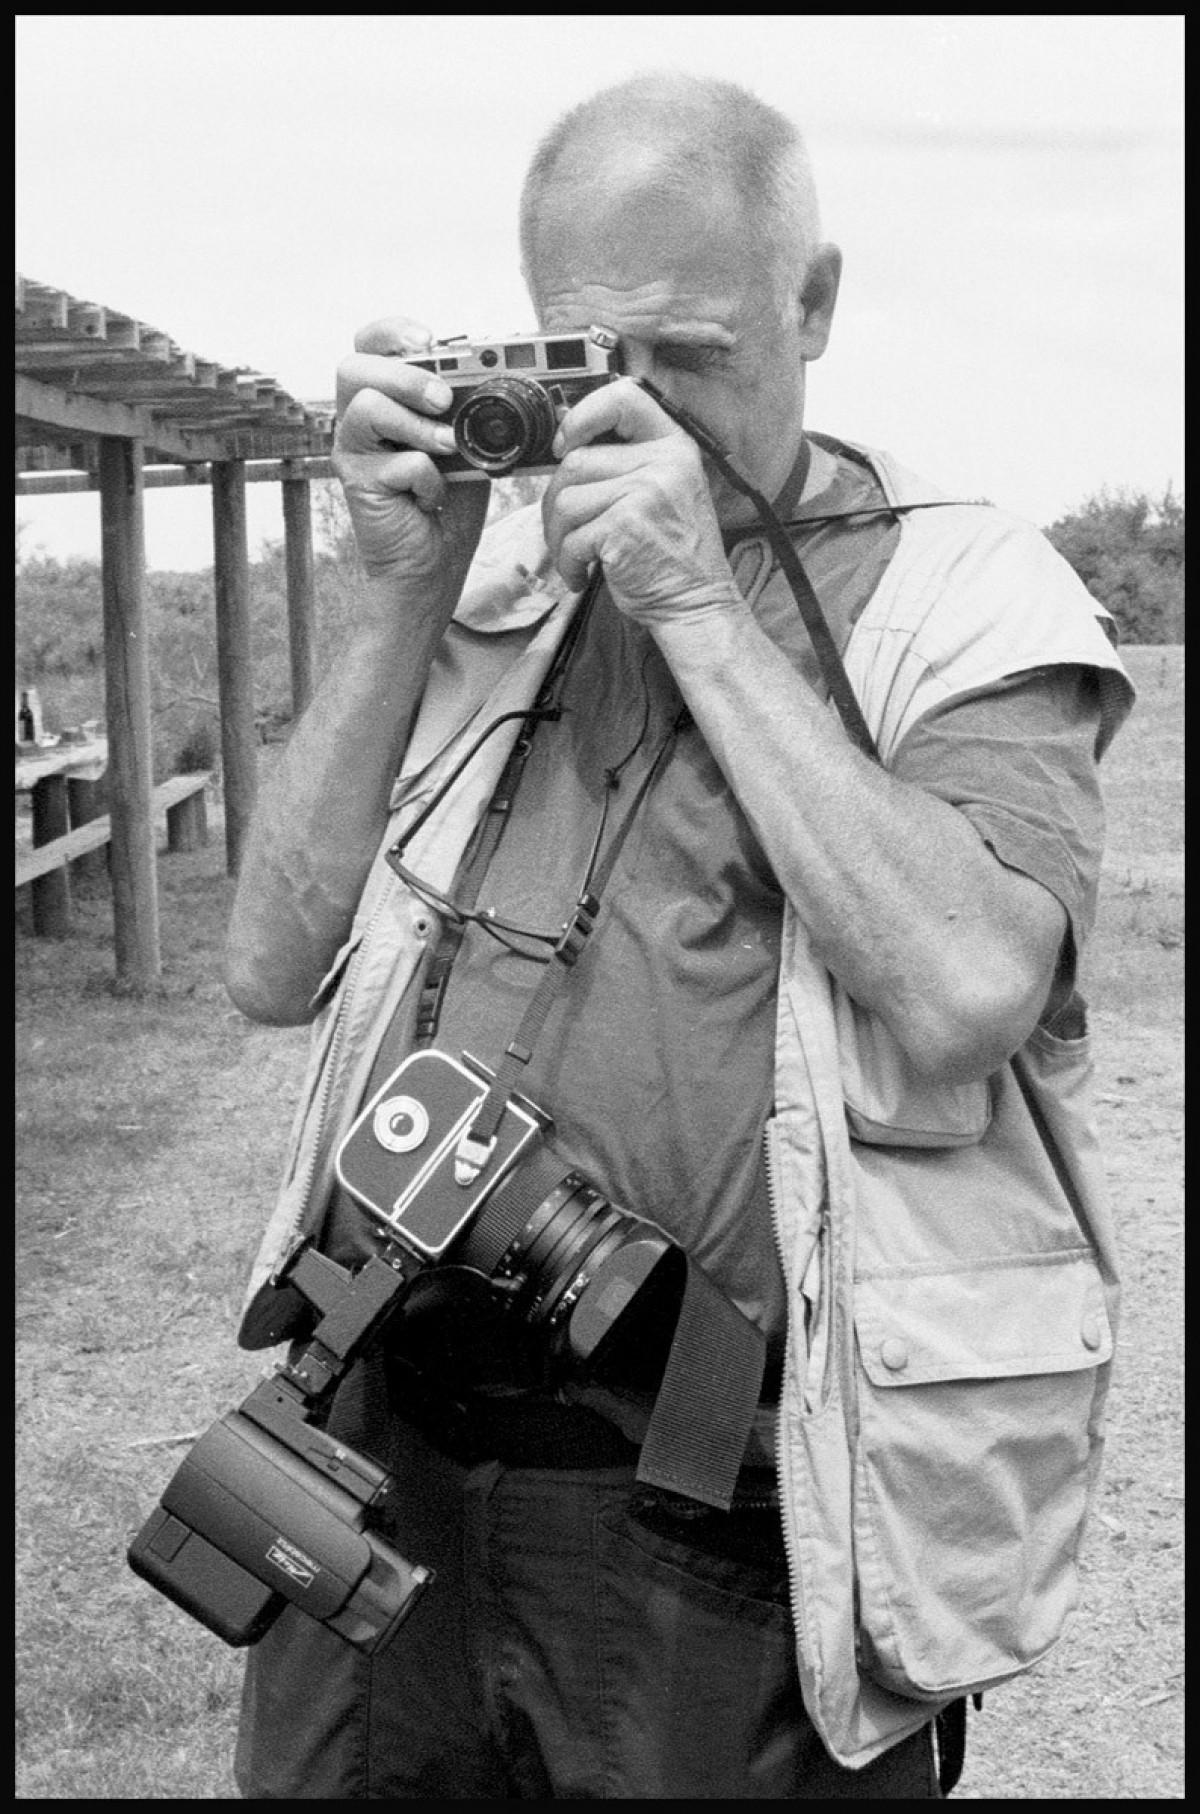 Friedlander Lee photographer